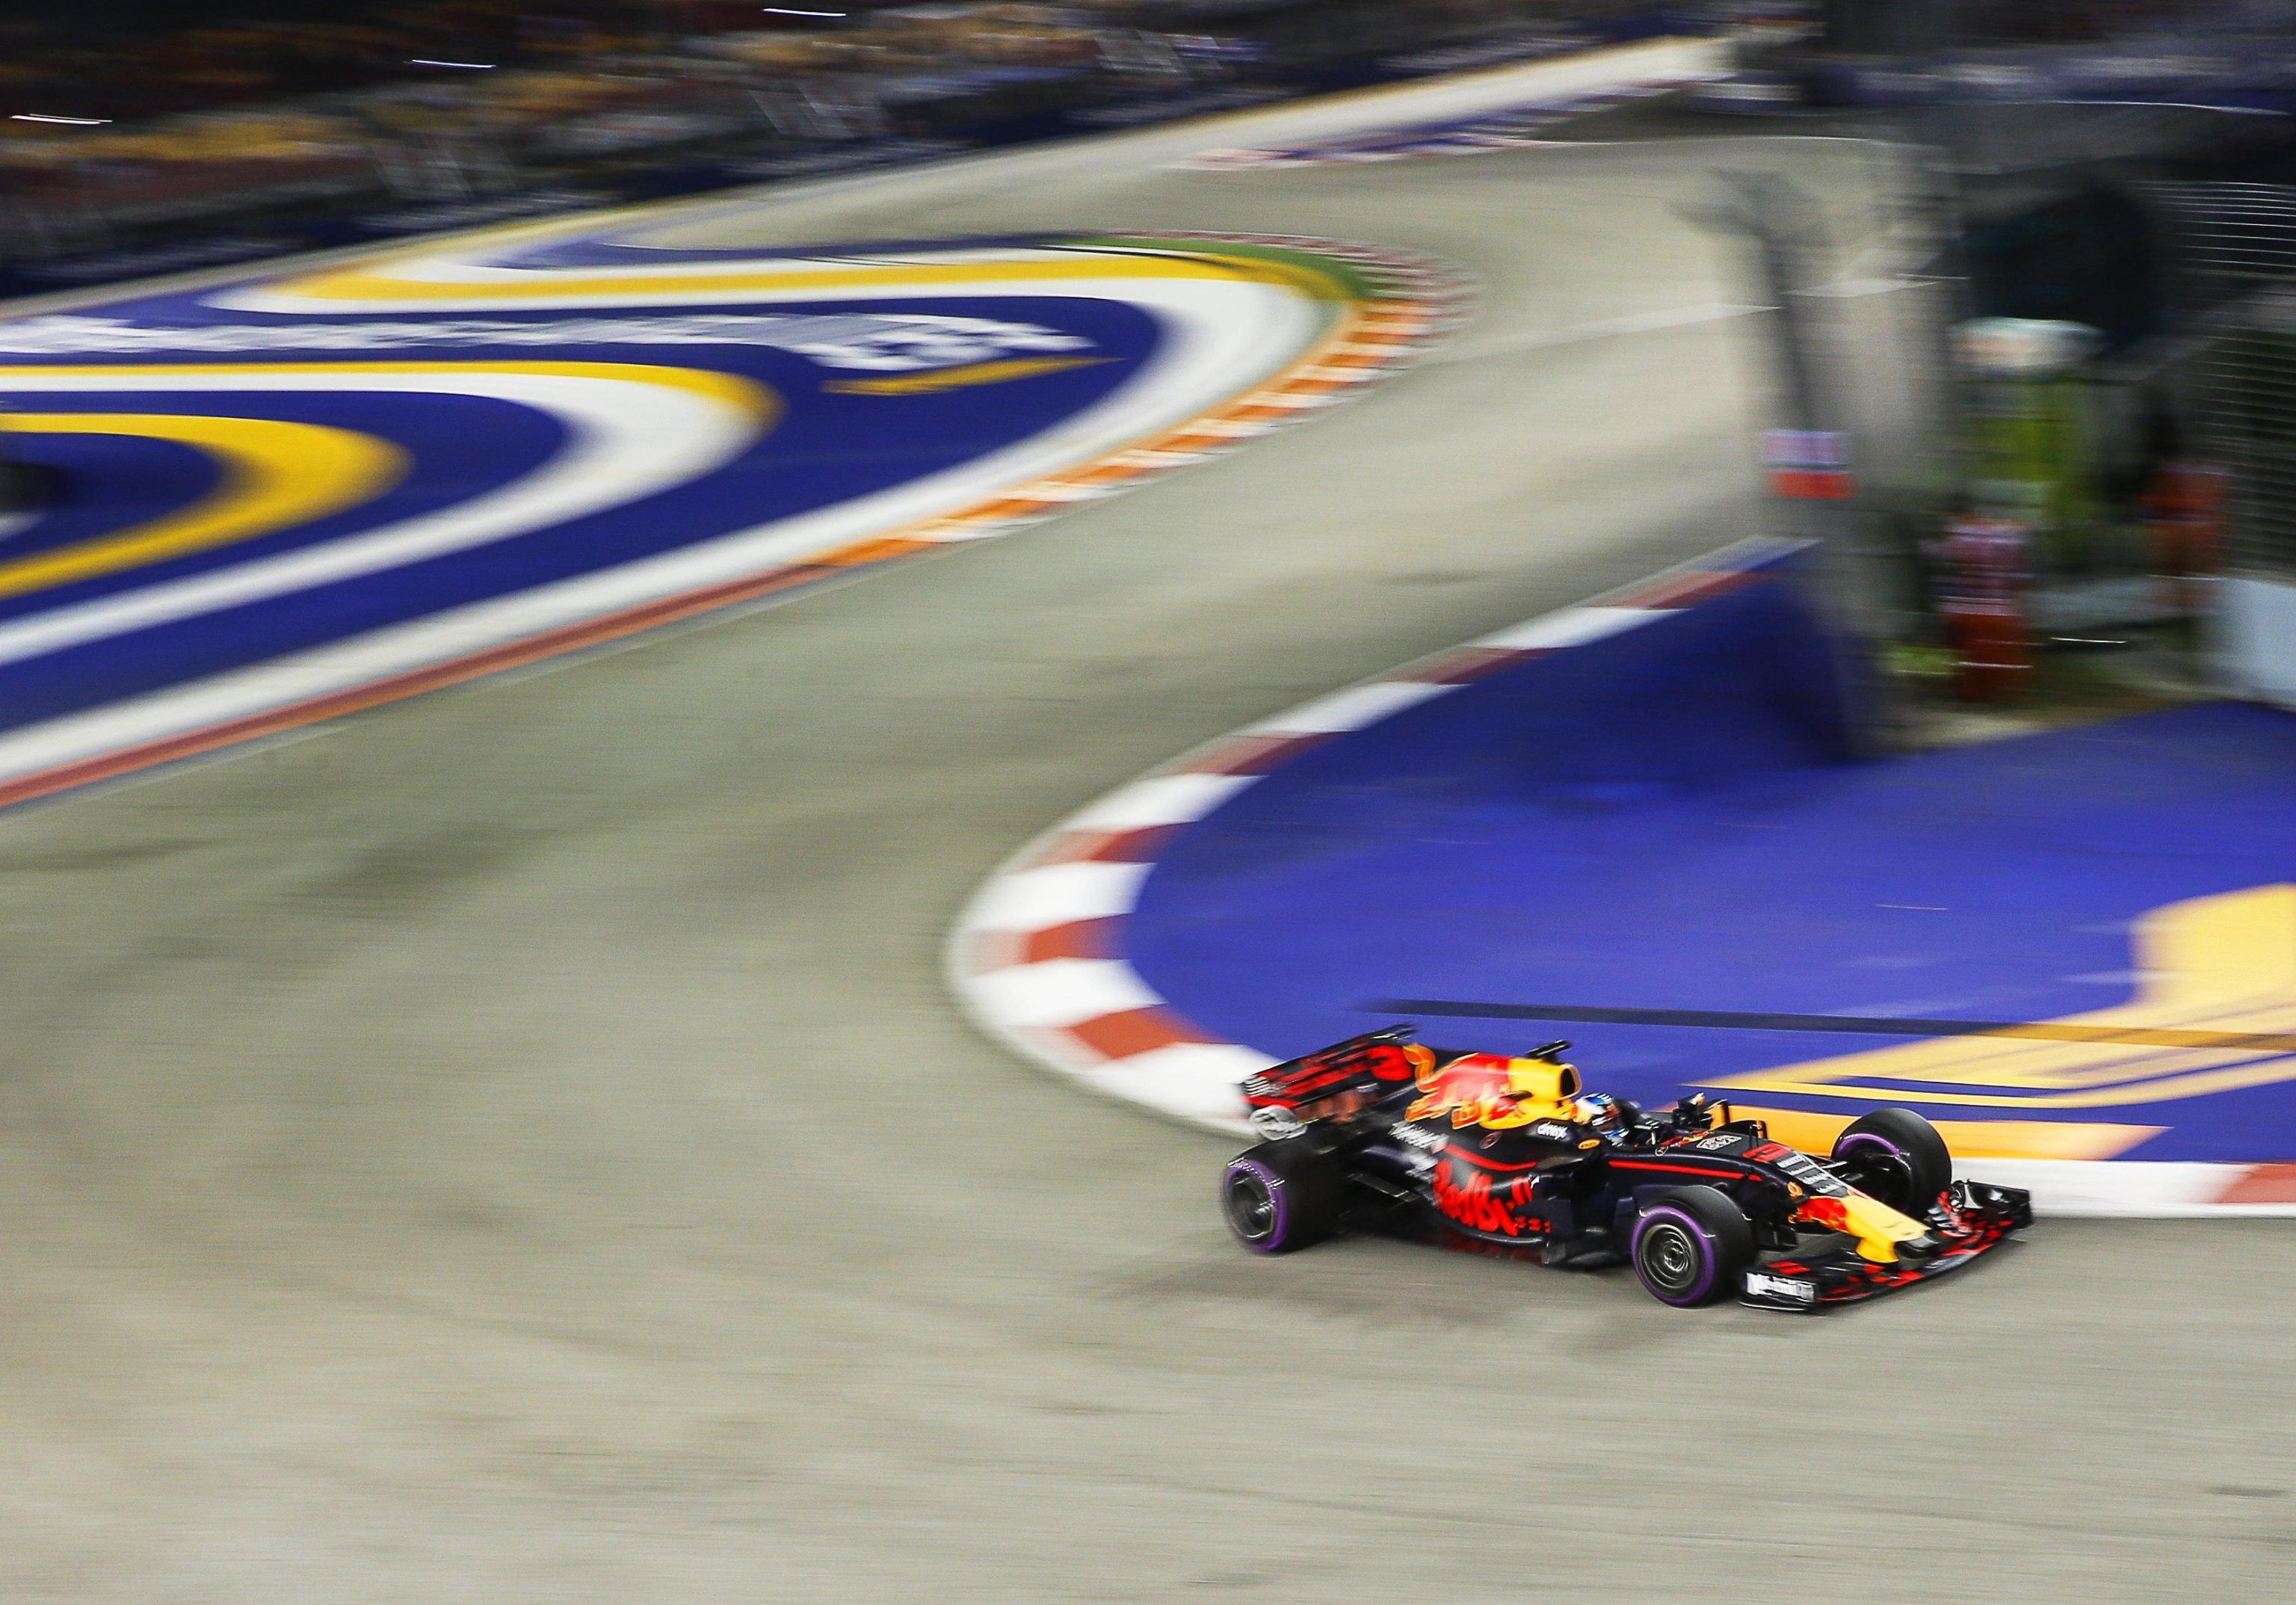 F1, GP Singapore 2017: la cronaca delle qualifiche in diretta